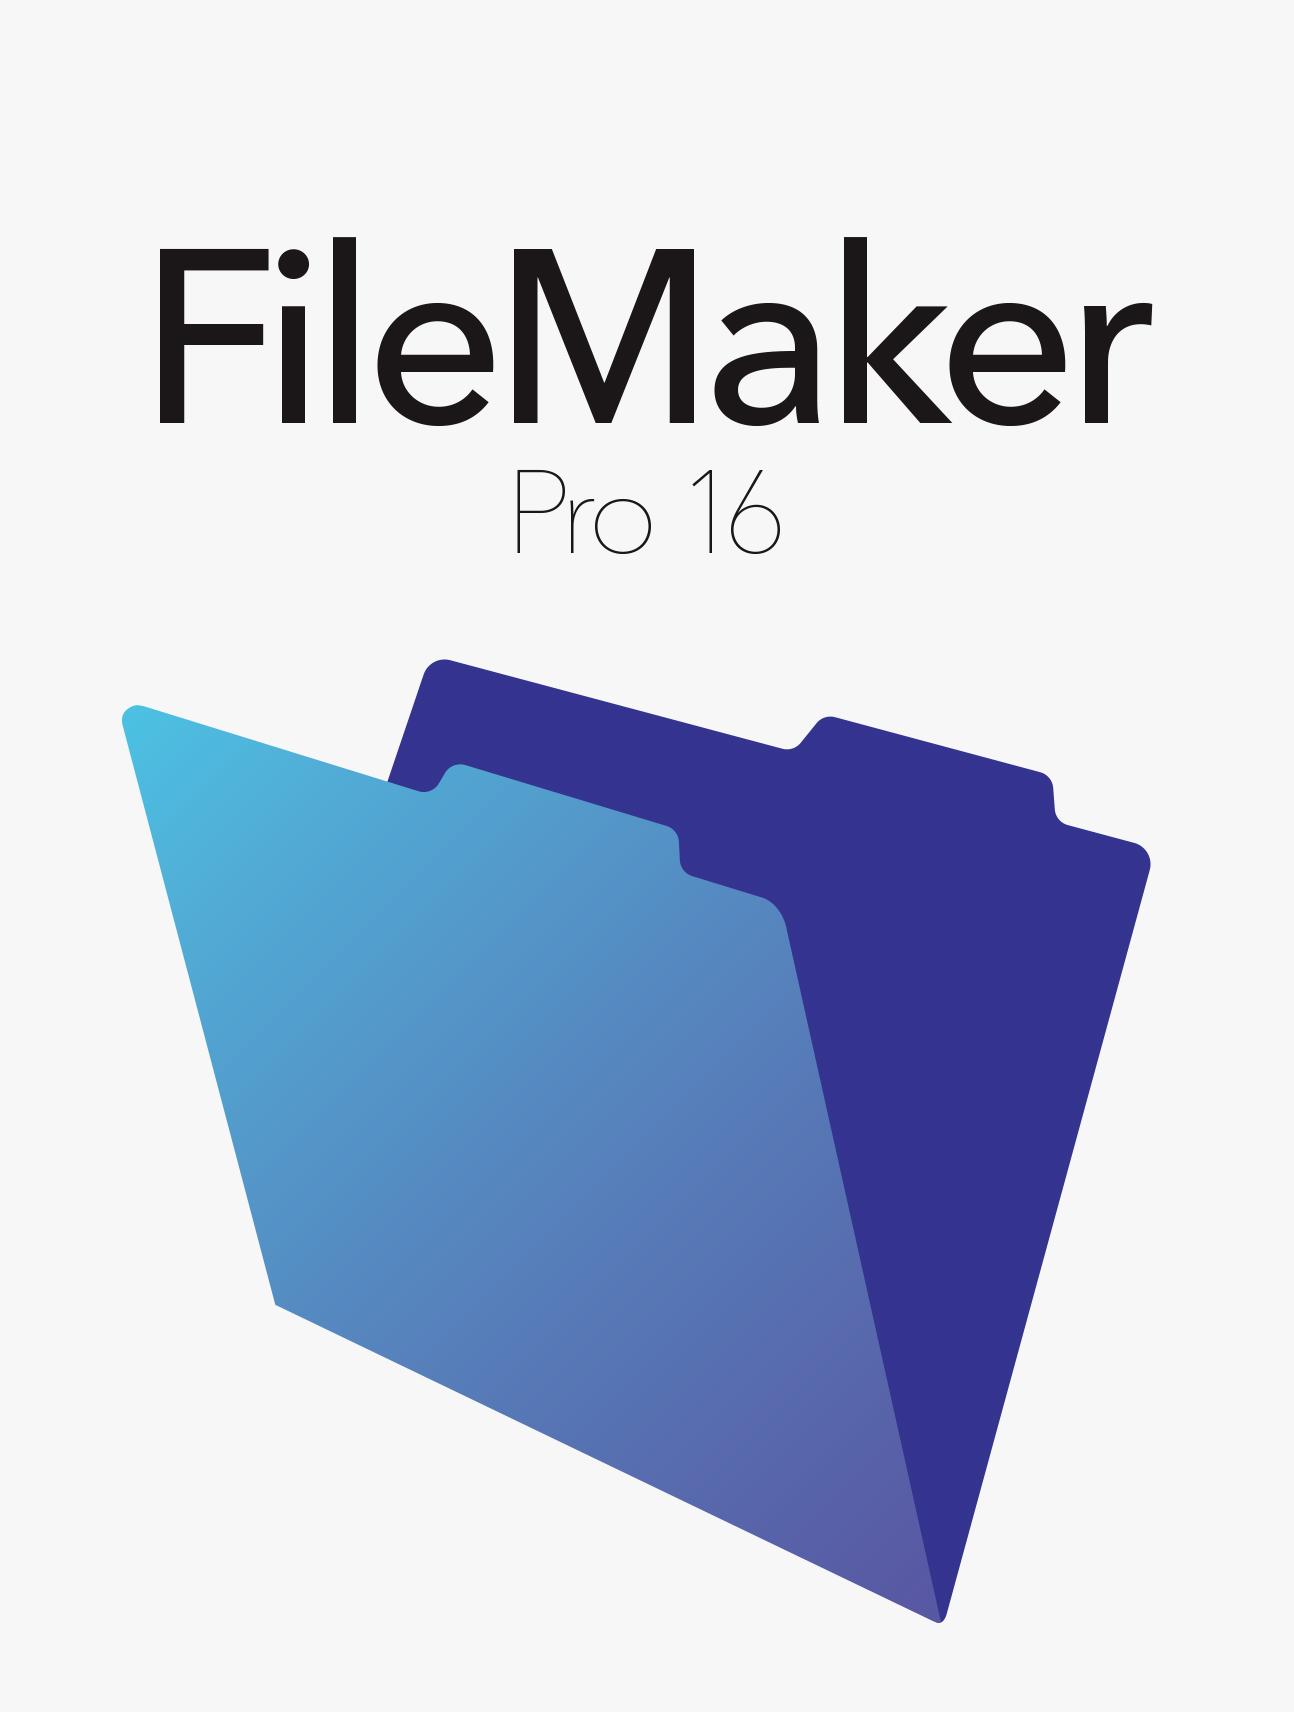 FileMaker Pro 16 Upgrade Download Mac/Win [Online Code]